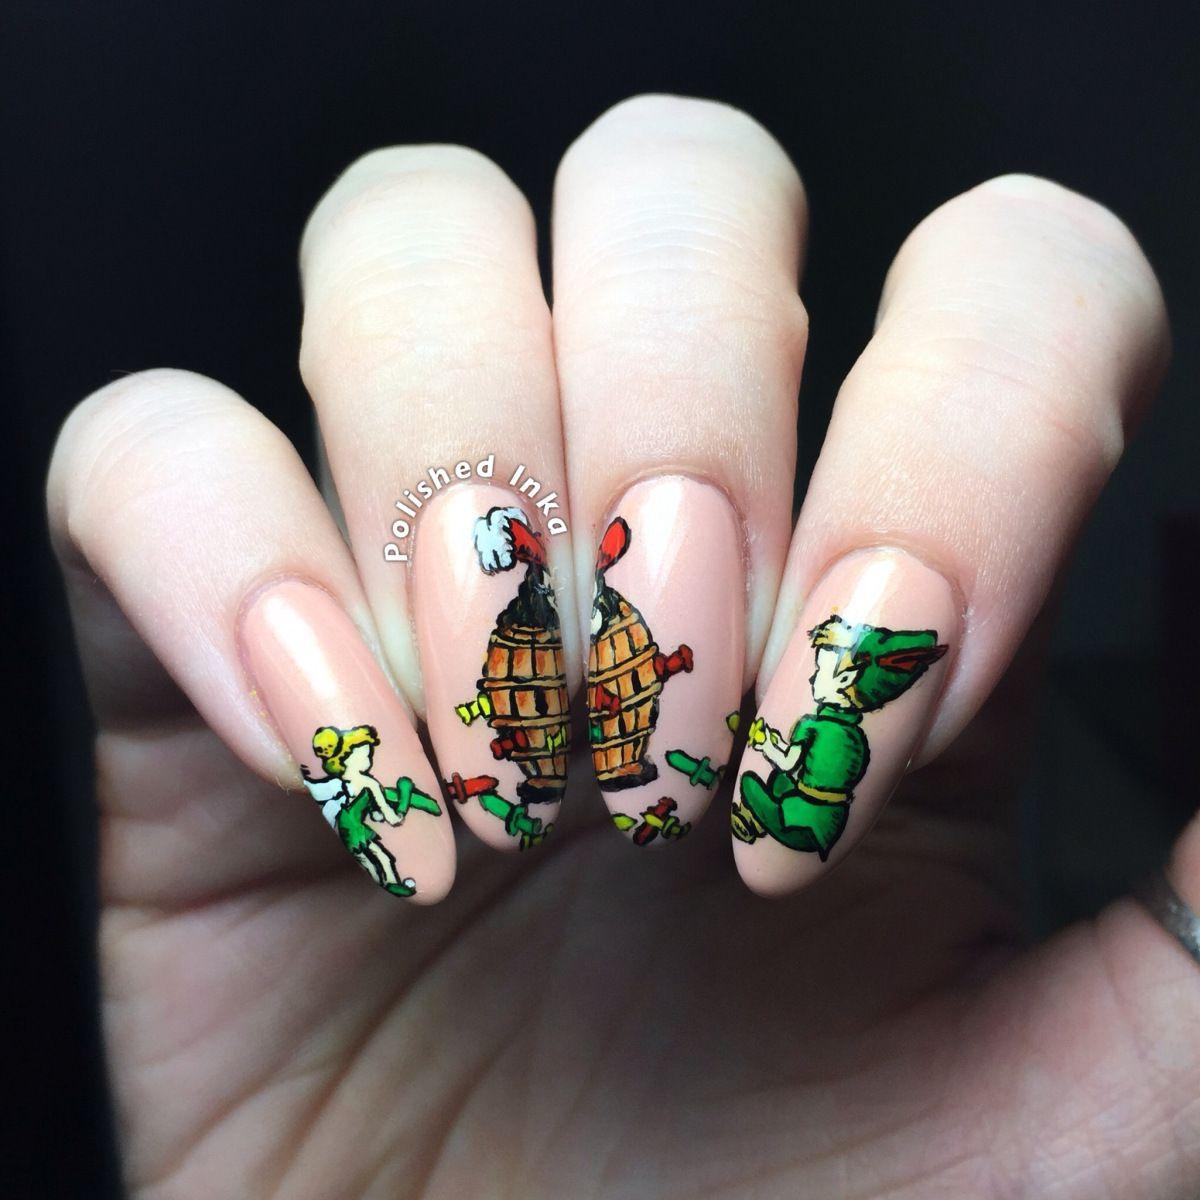 Polished Inka - Disney Peter Pan Pop Up Pirate Nail Art | Cartoon ...